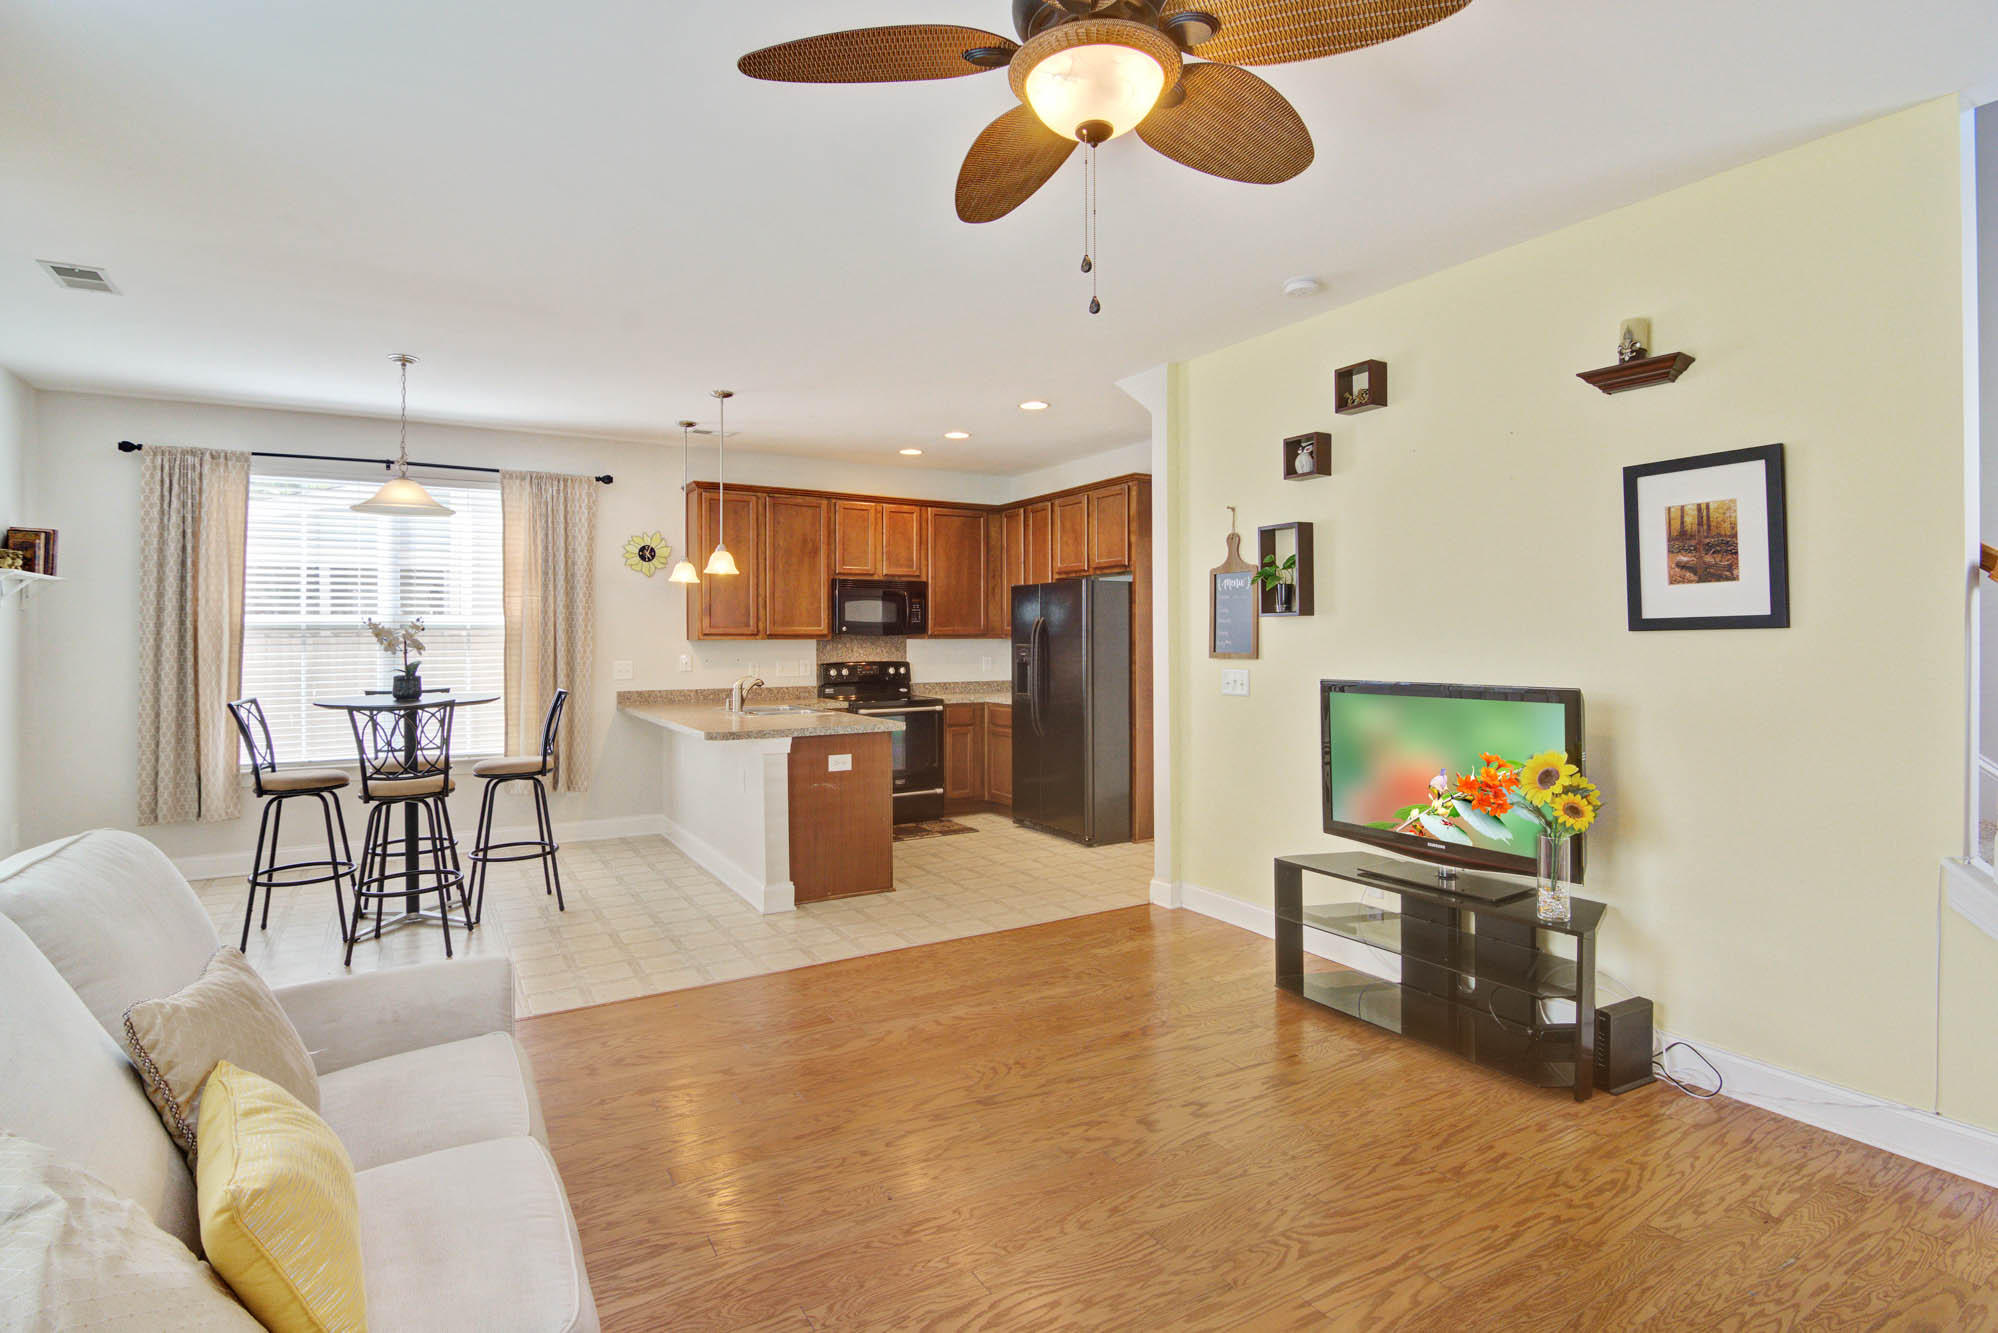 Carriage Hill Landing Homes For Sale - 1192 Landau, Mount Pleasant, SC - 24